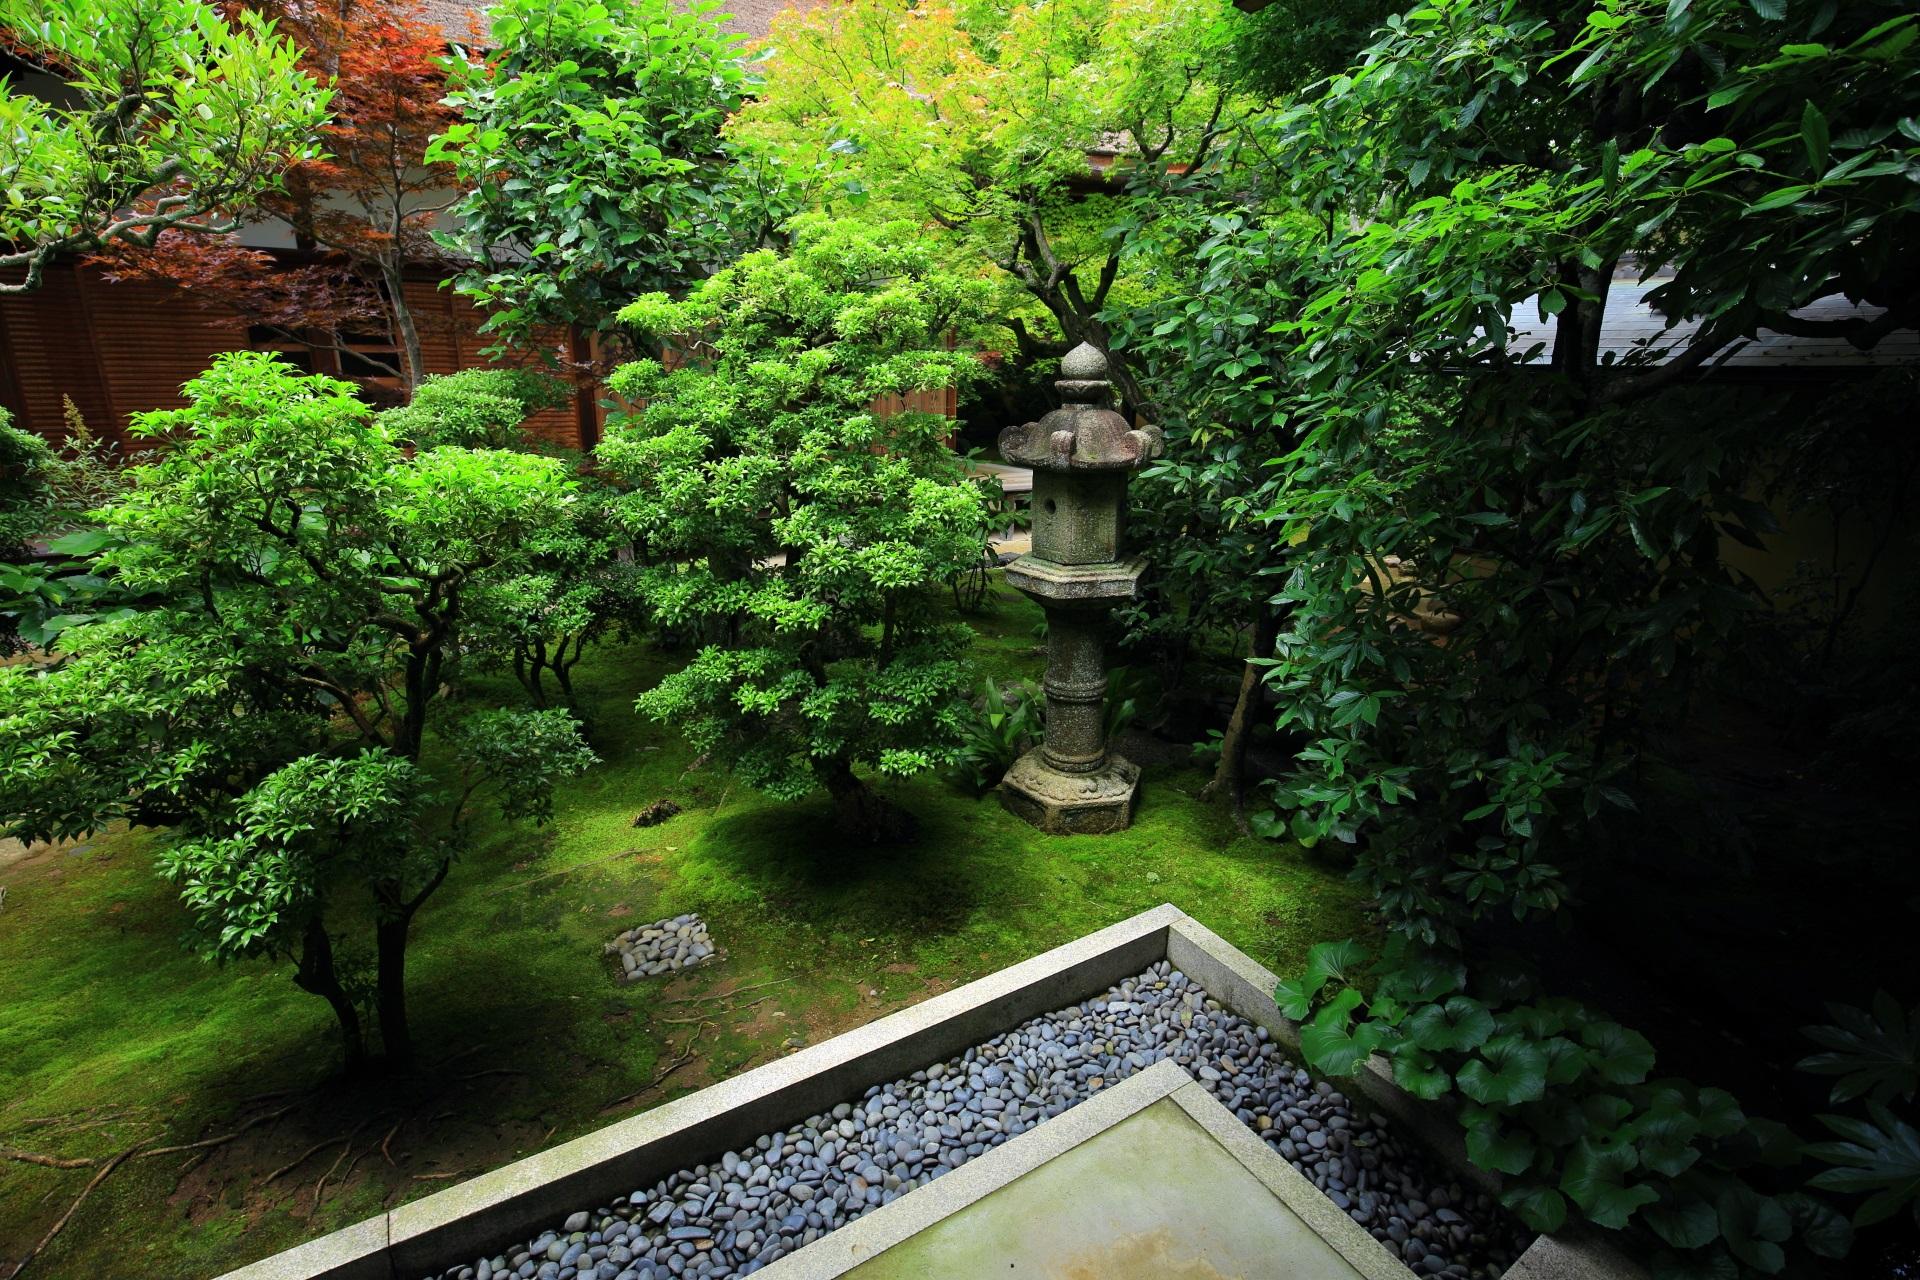 いろんな種類の木々や植物が彩る興臨院の趣きある中庭